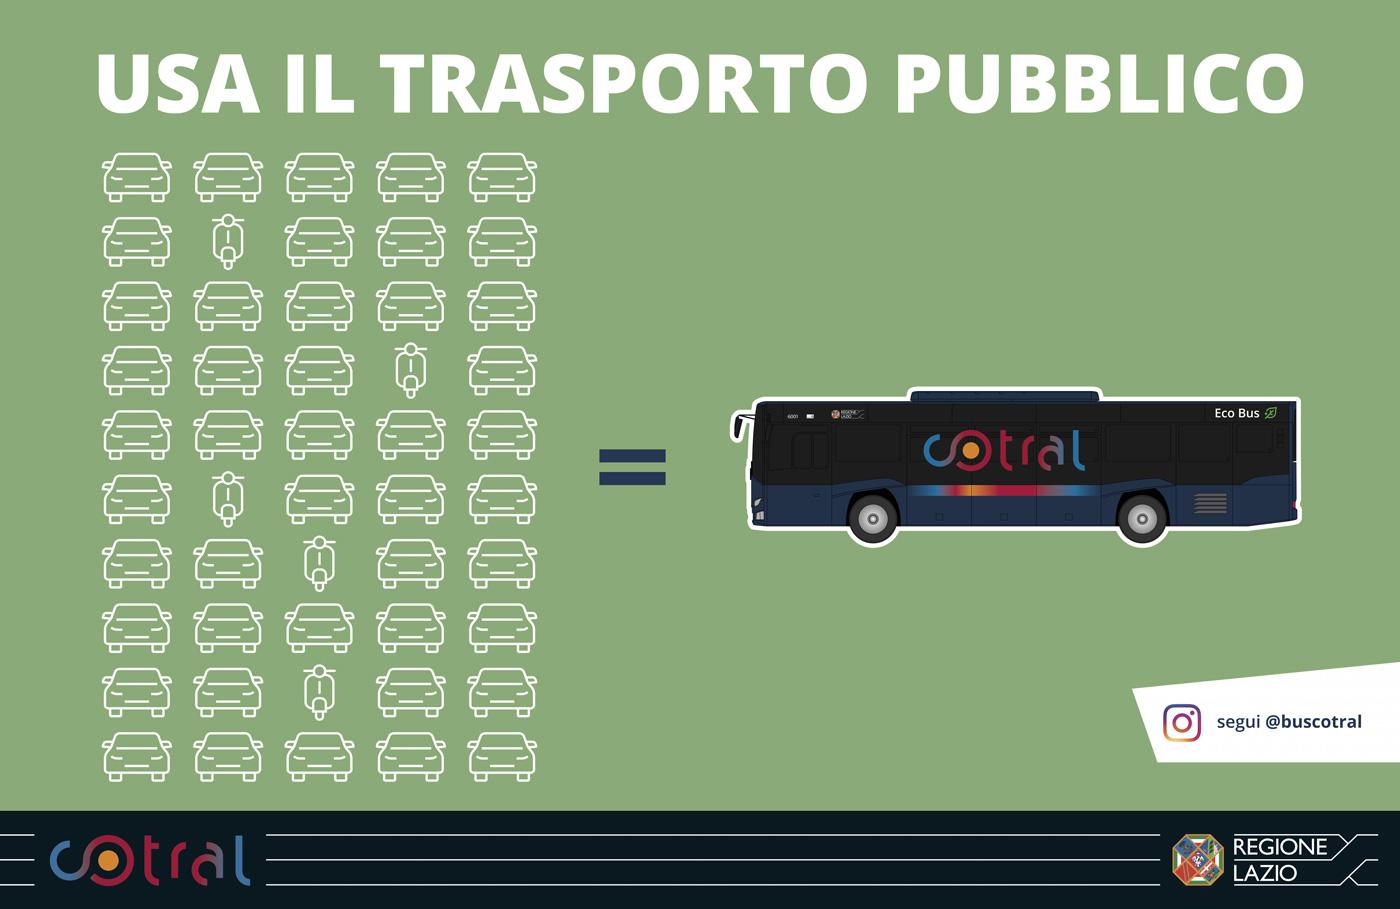 Campagna Cotral Trasporto Pubblico